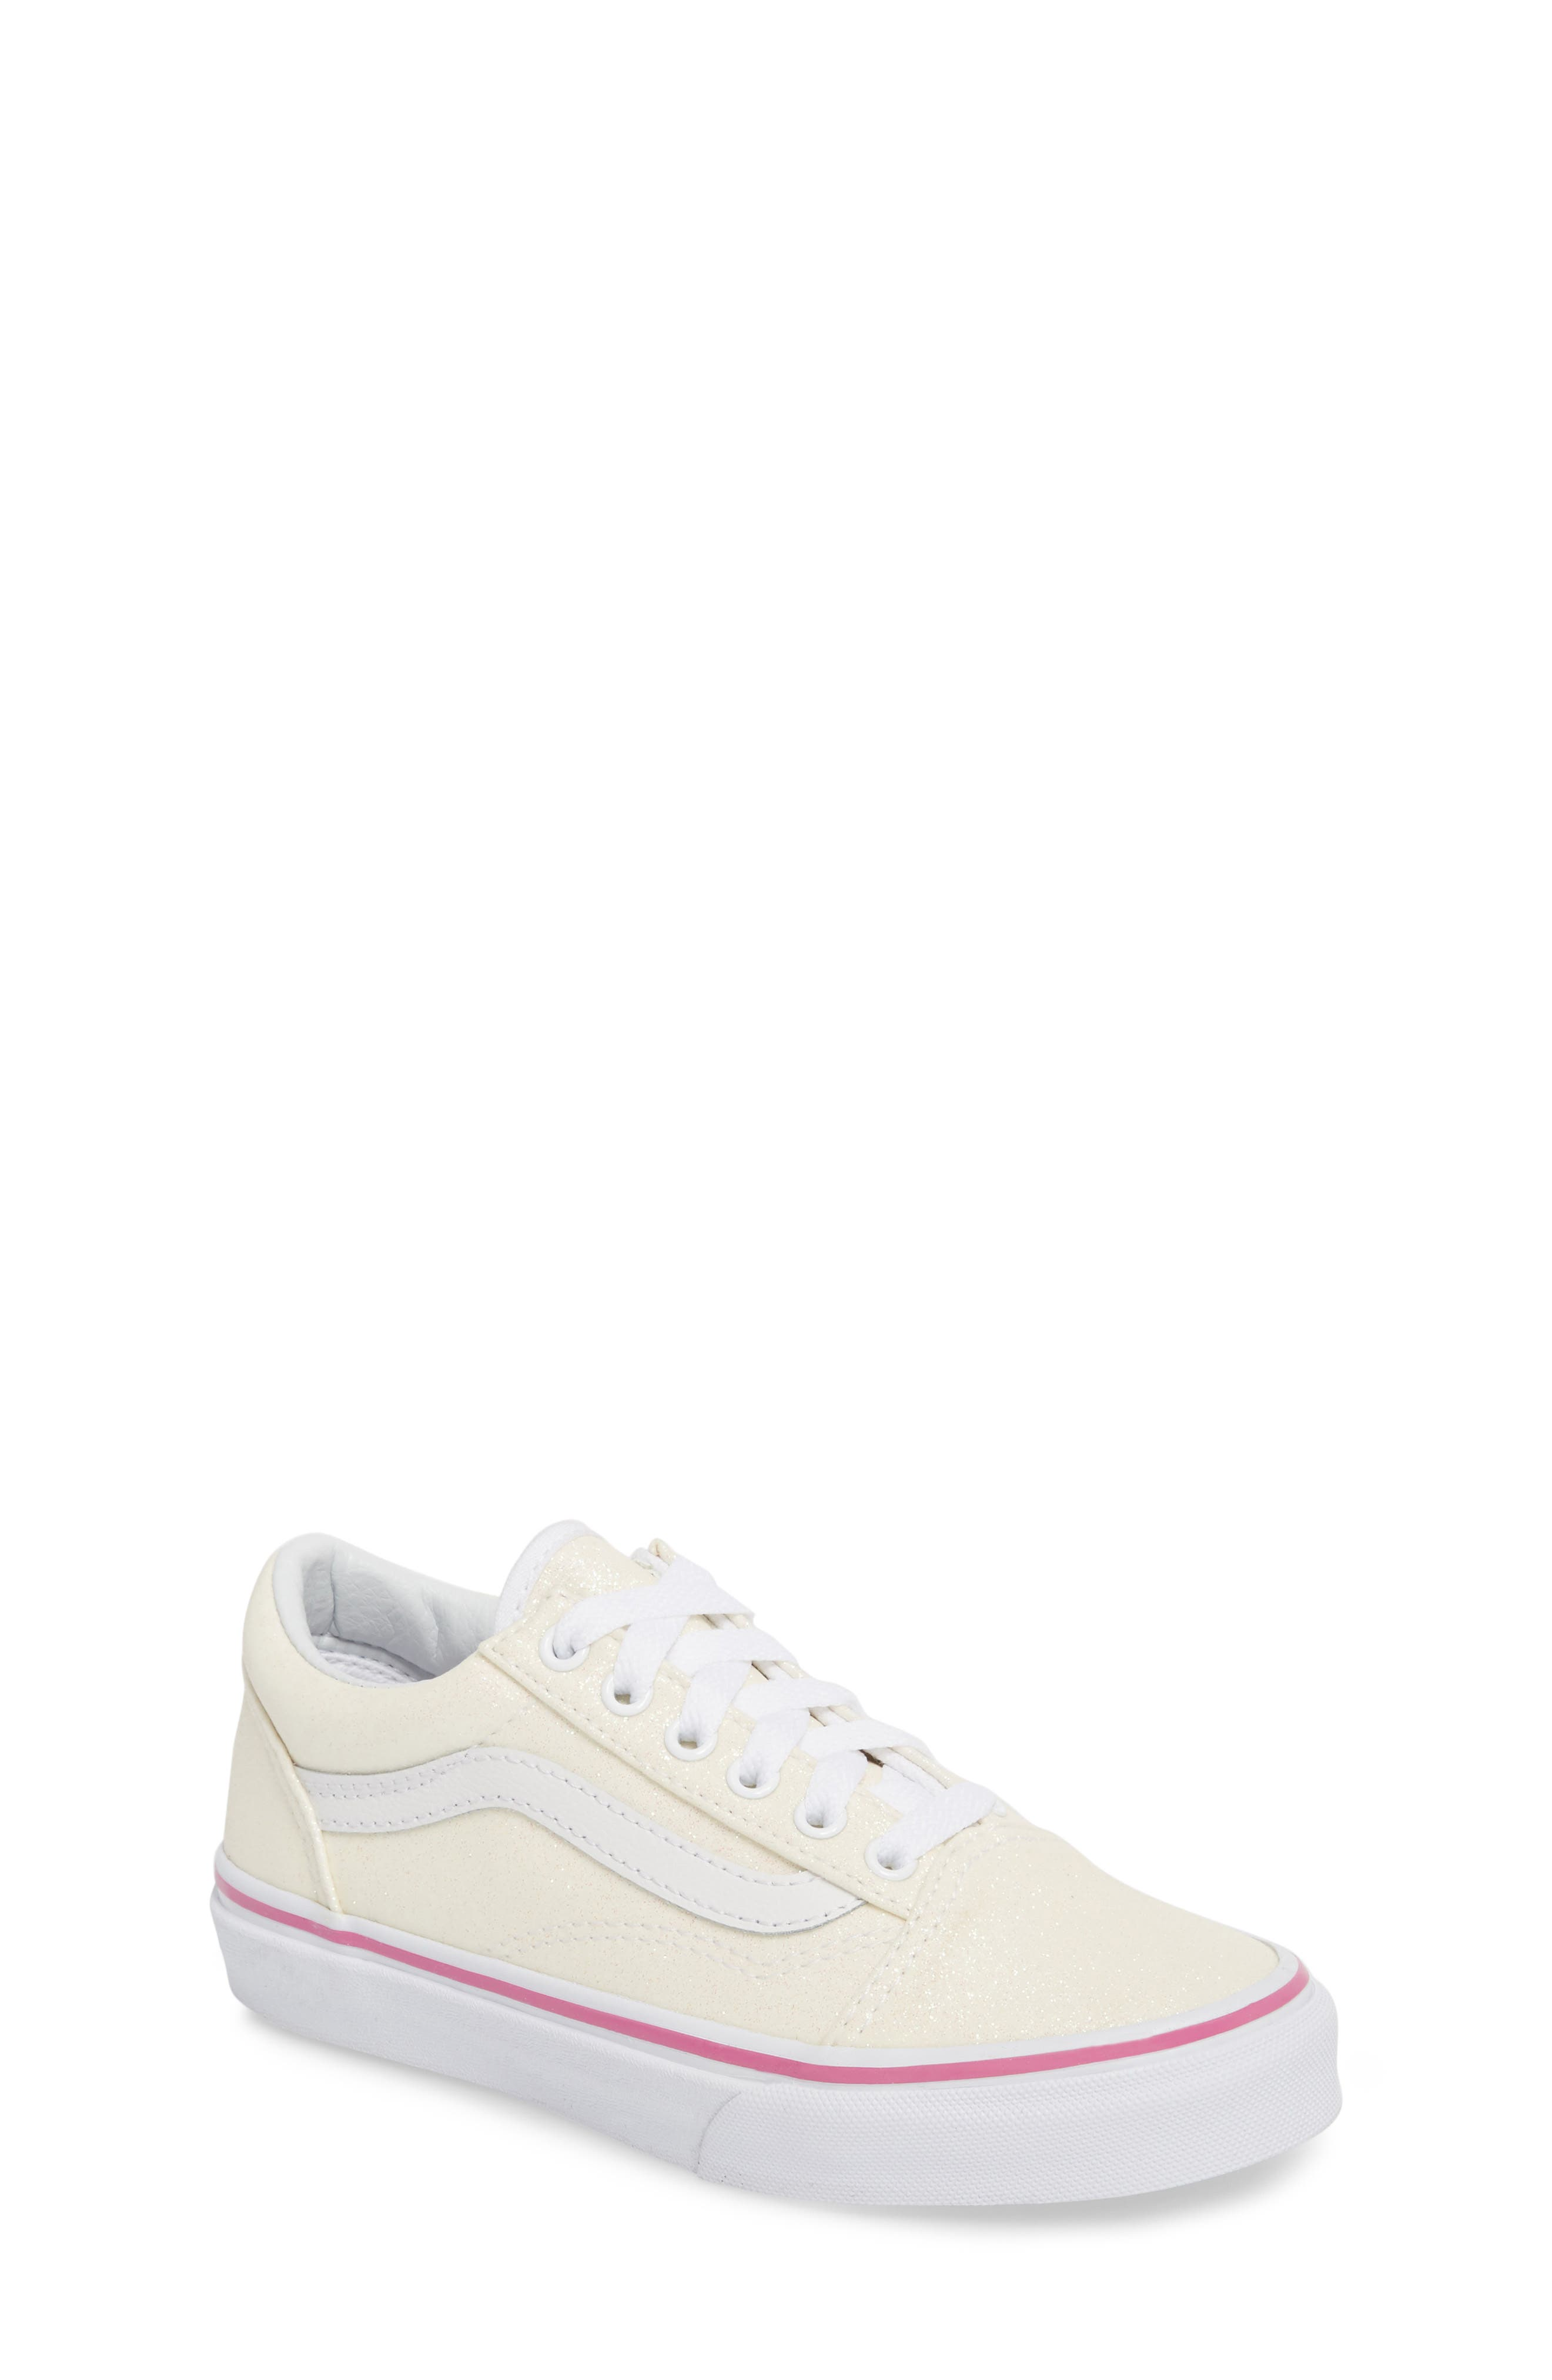 Old Skool Sneaker,                         Main,                         color, Rainbow White Glitter